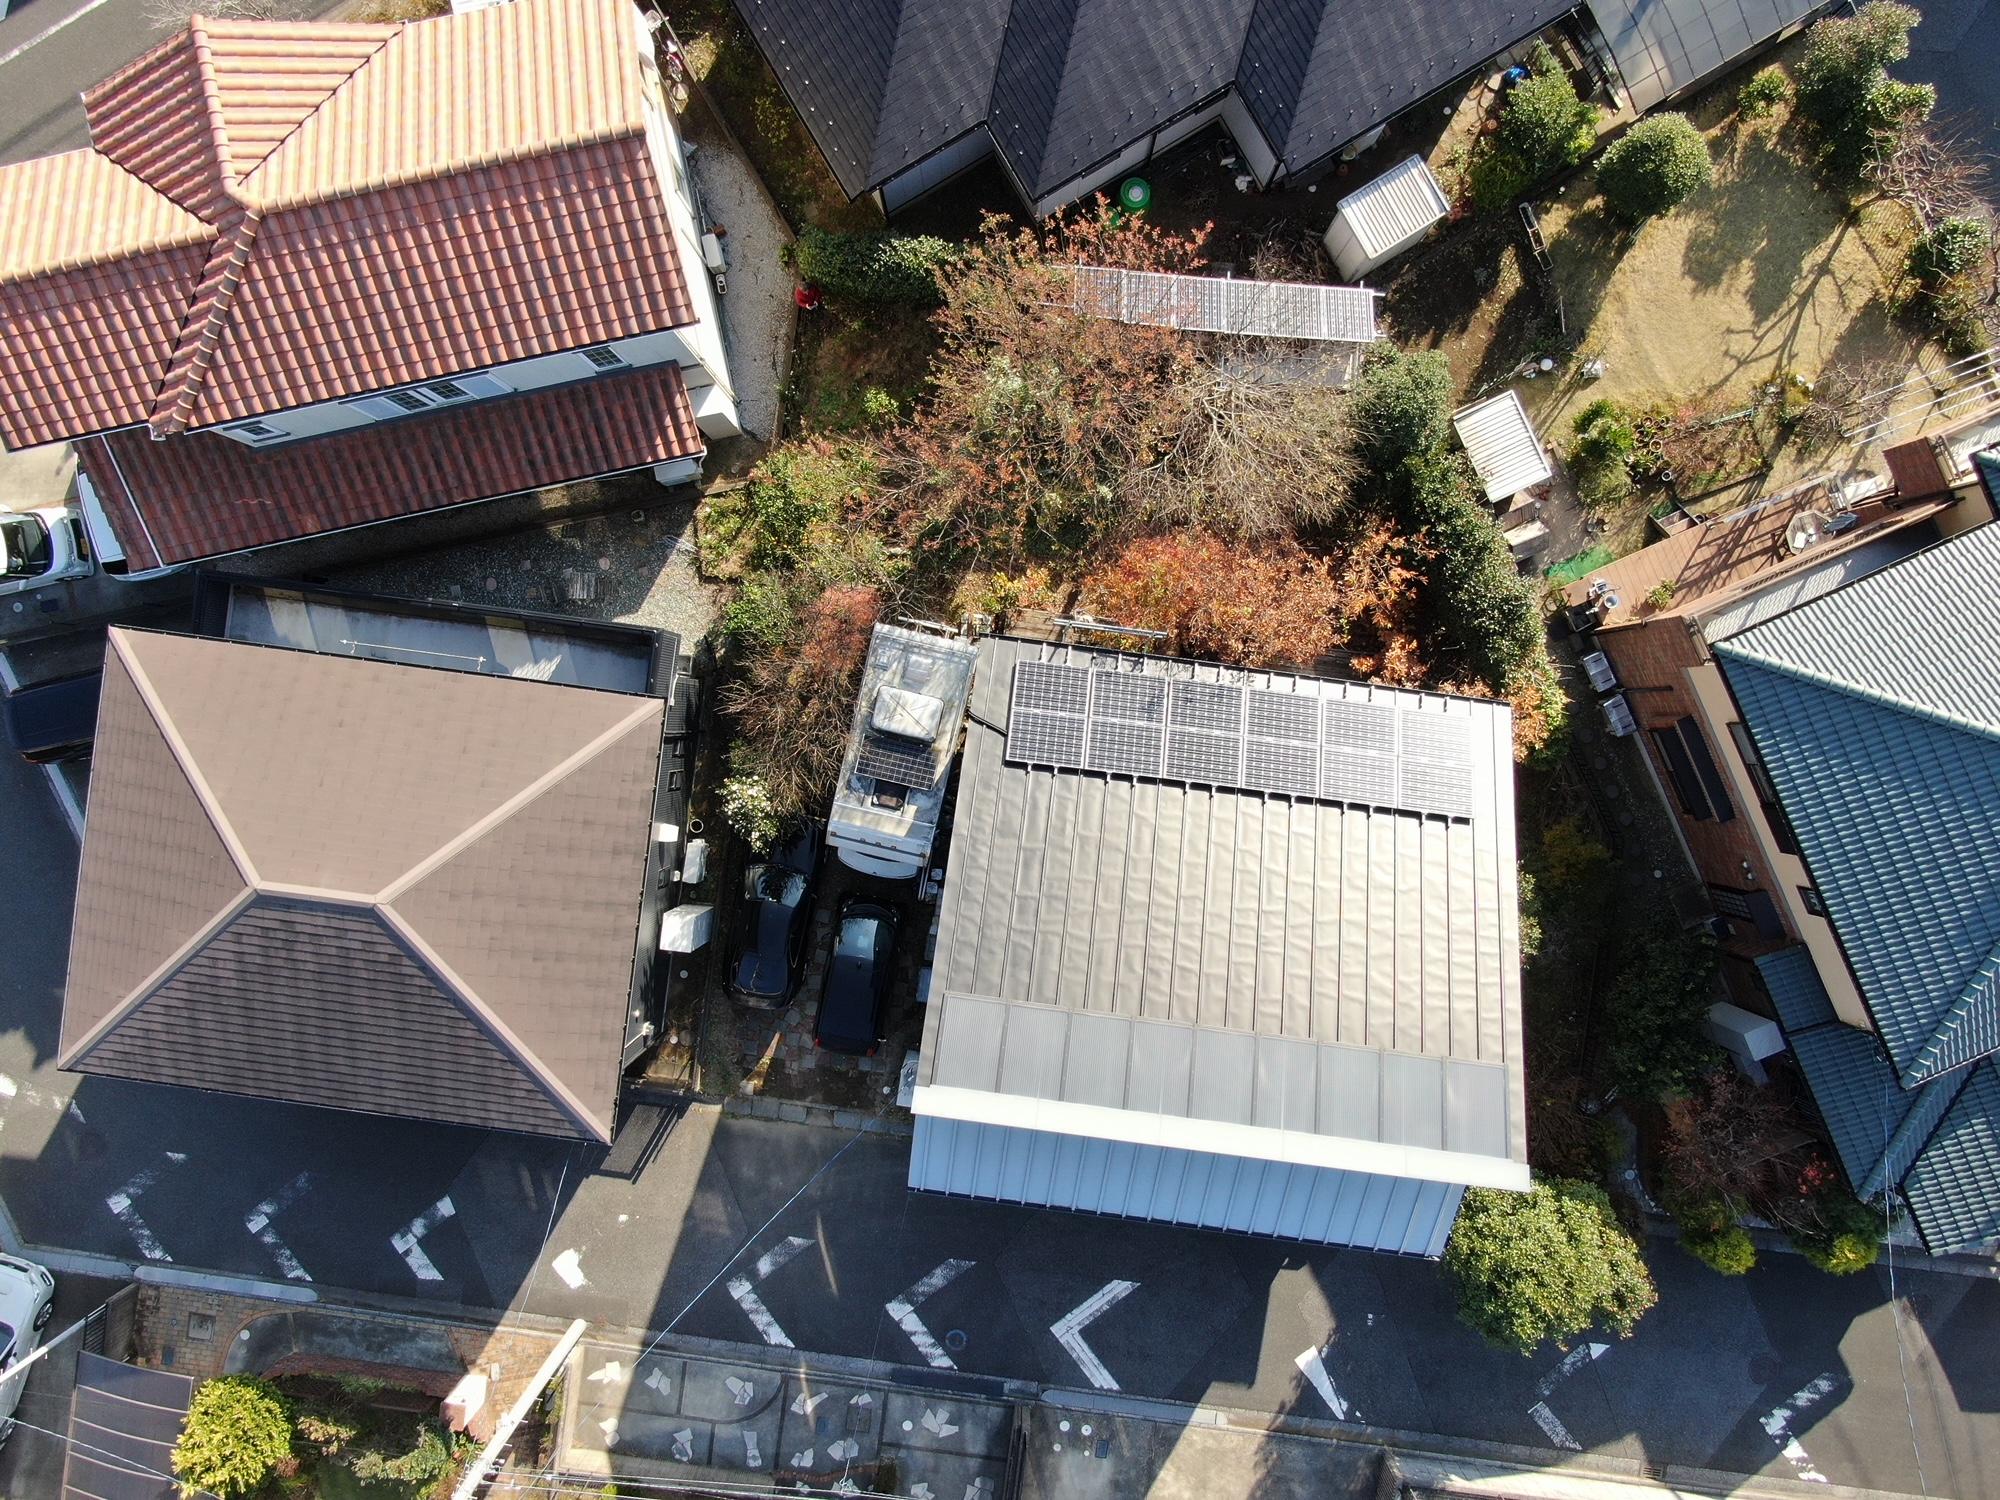 おゆみ野 中村自宅 オフグリット開始 OMソーラー+太陽光発電+雑木の庭